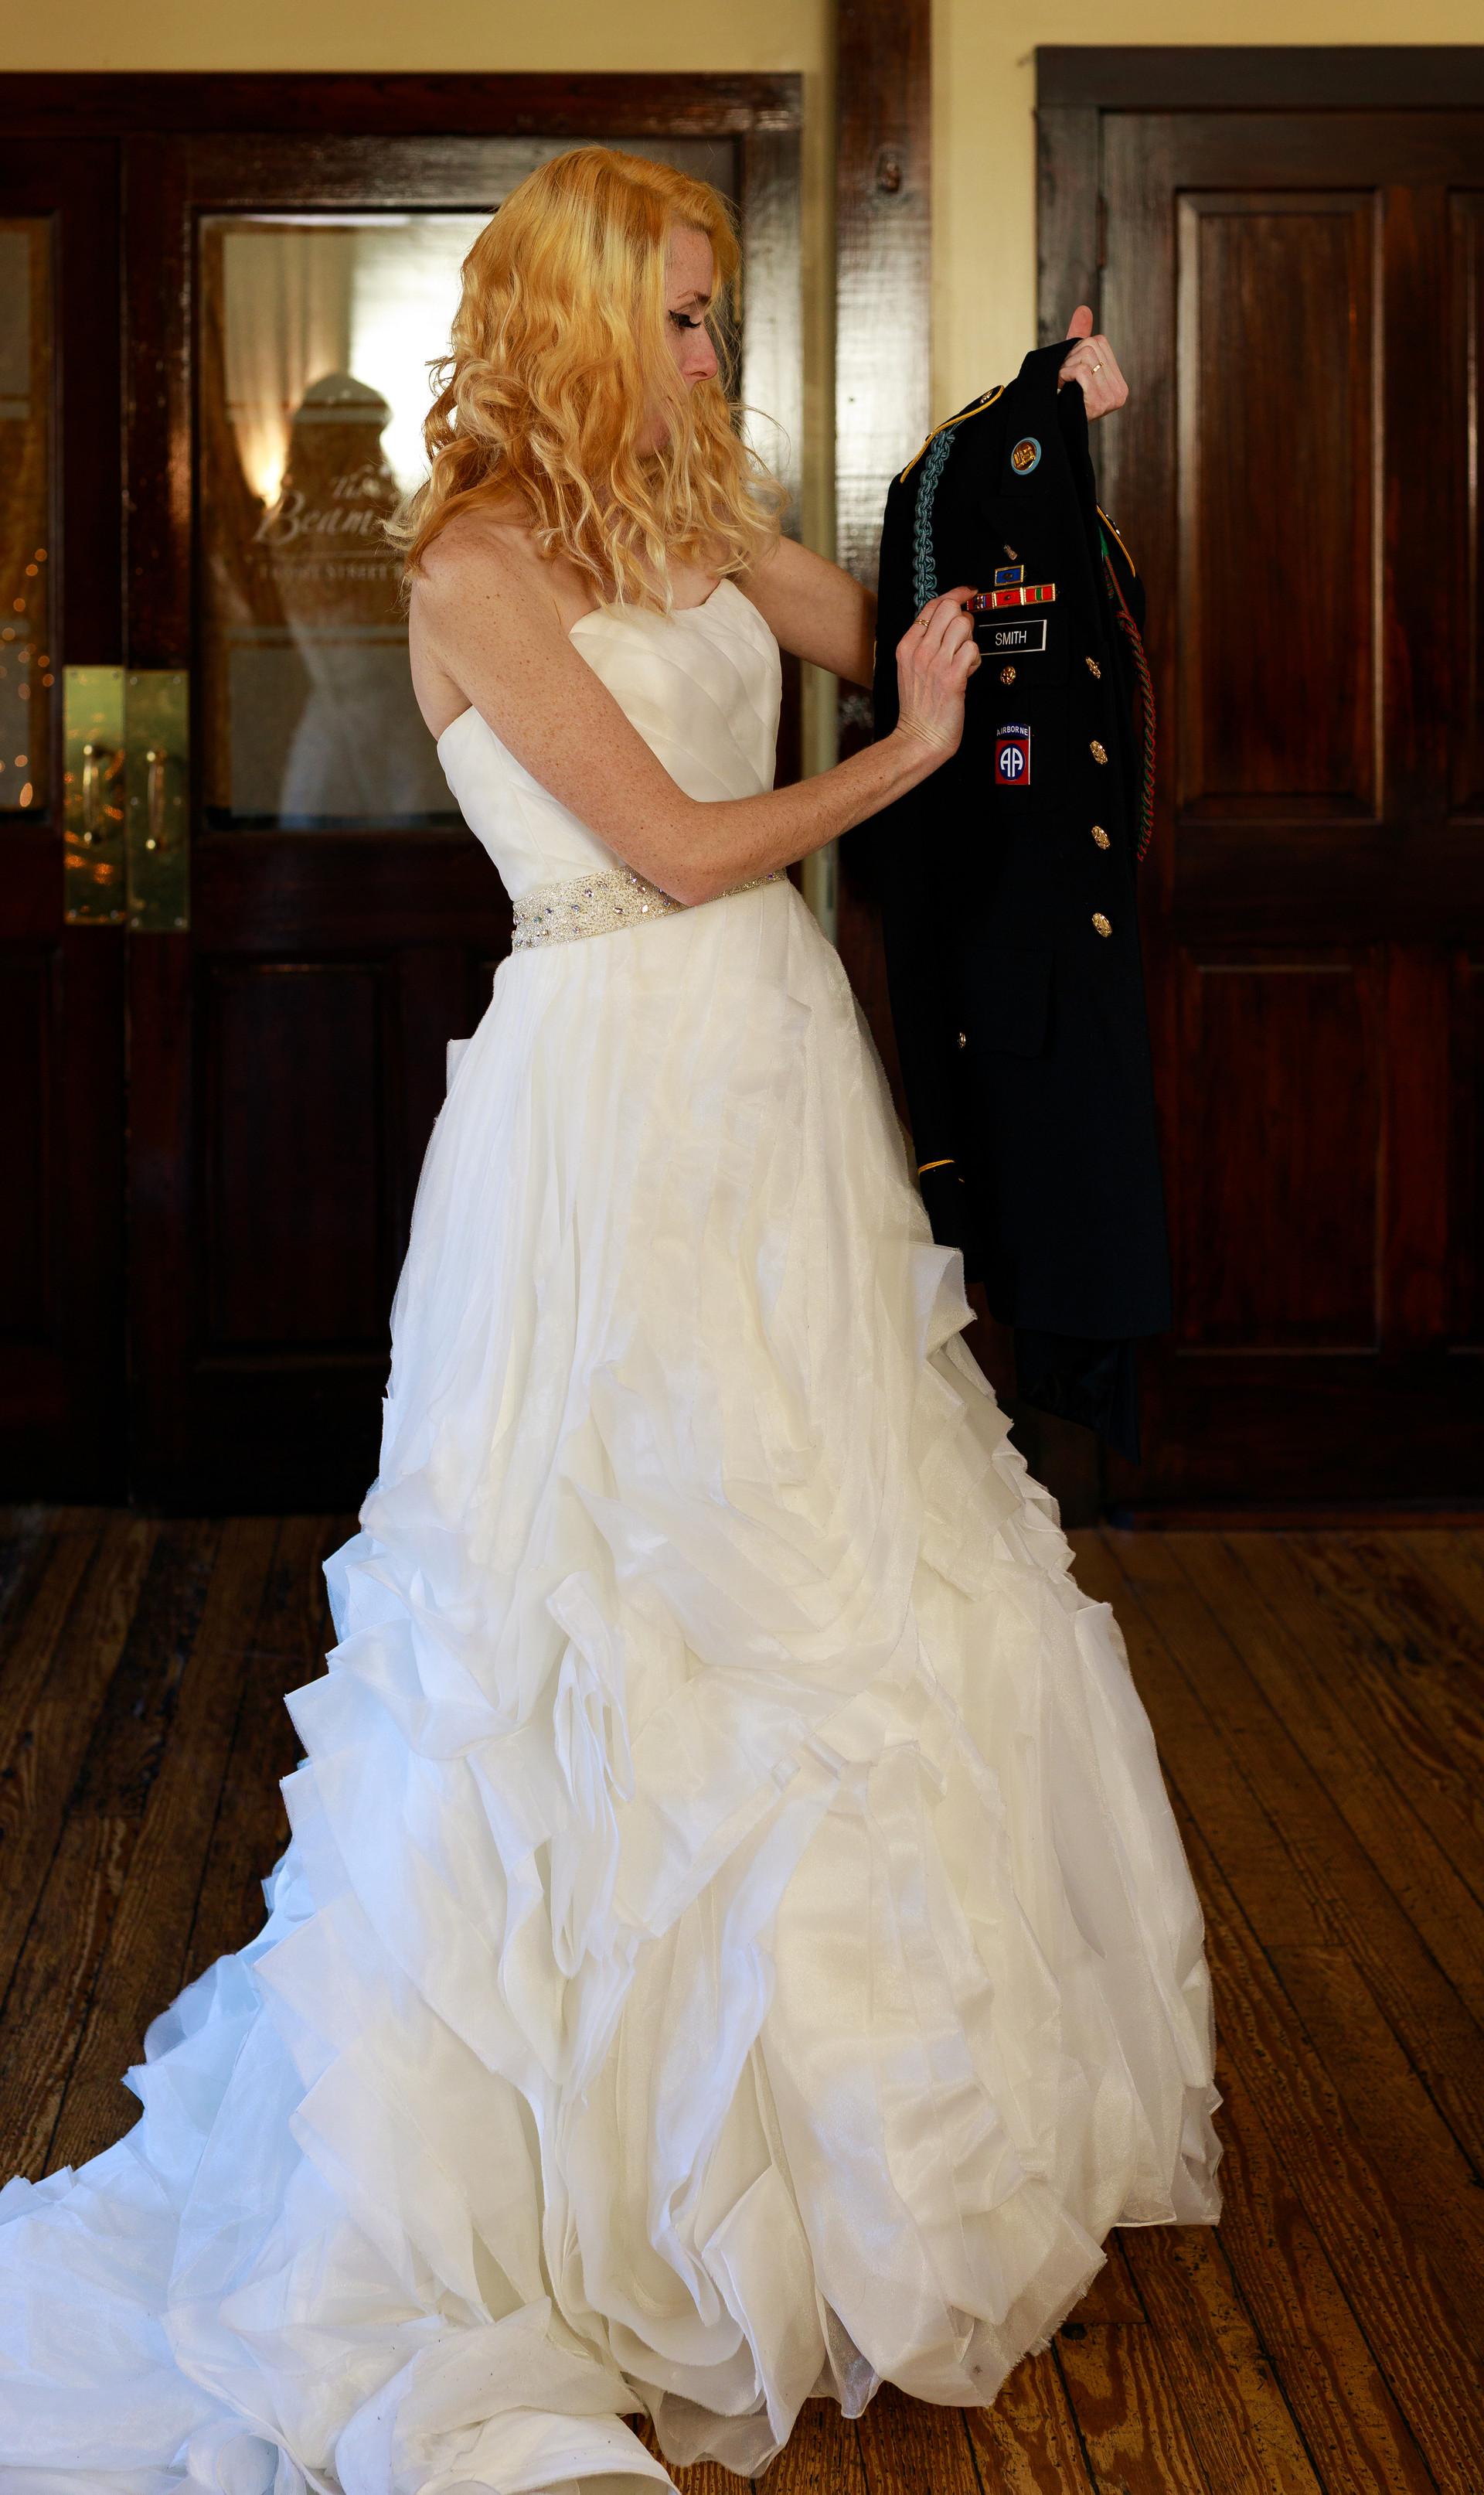 Bride's Honor